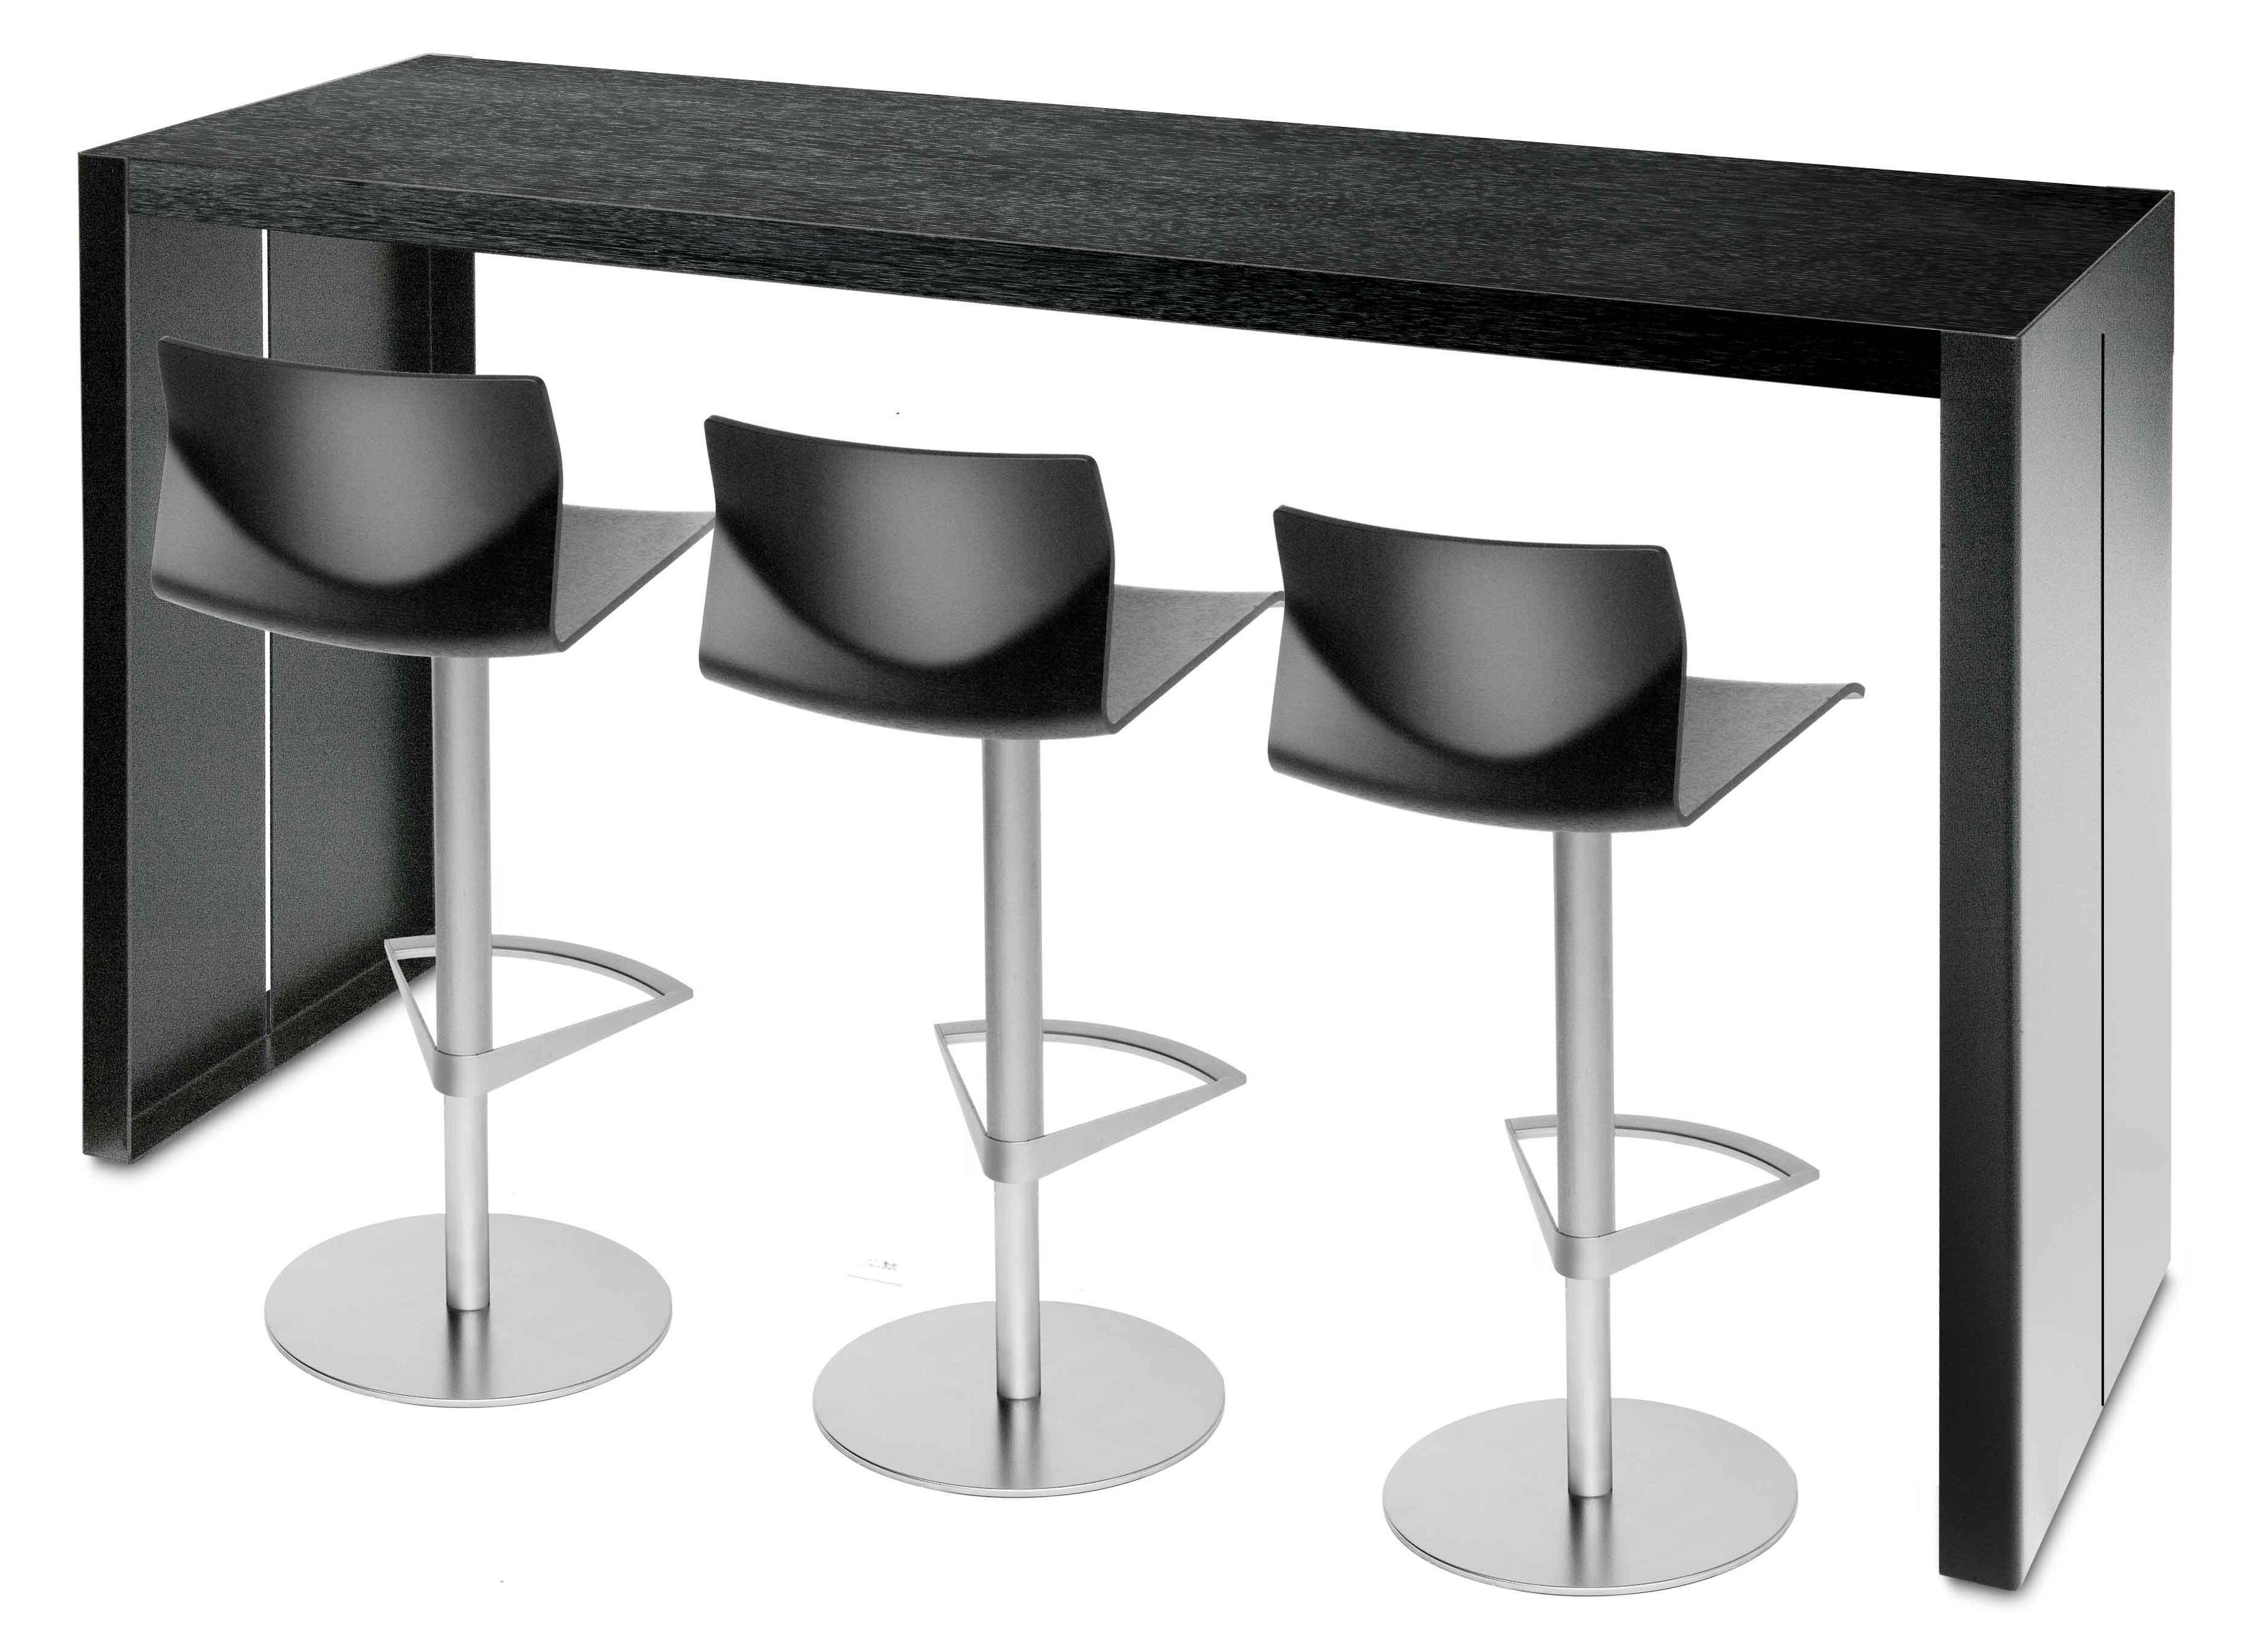 Fabelhaft Tresentisch Mit Hocker Dekoration Von Möbel - Stehtische Und Bars - Panco